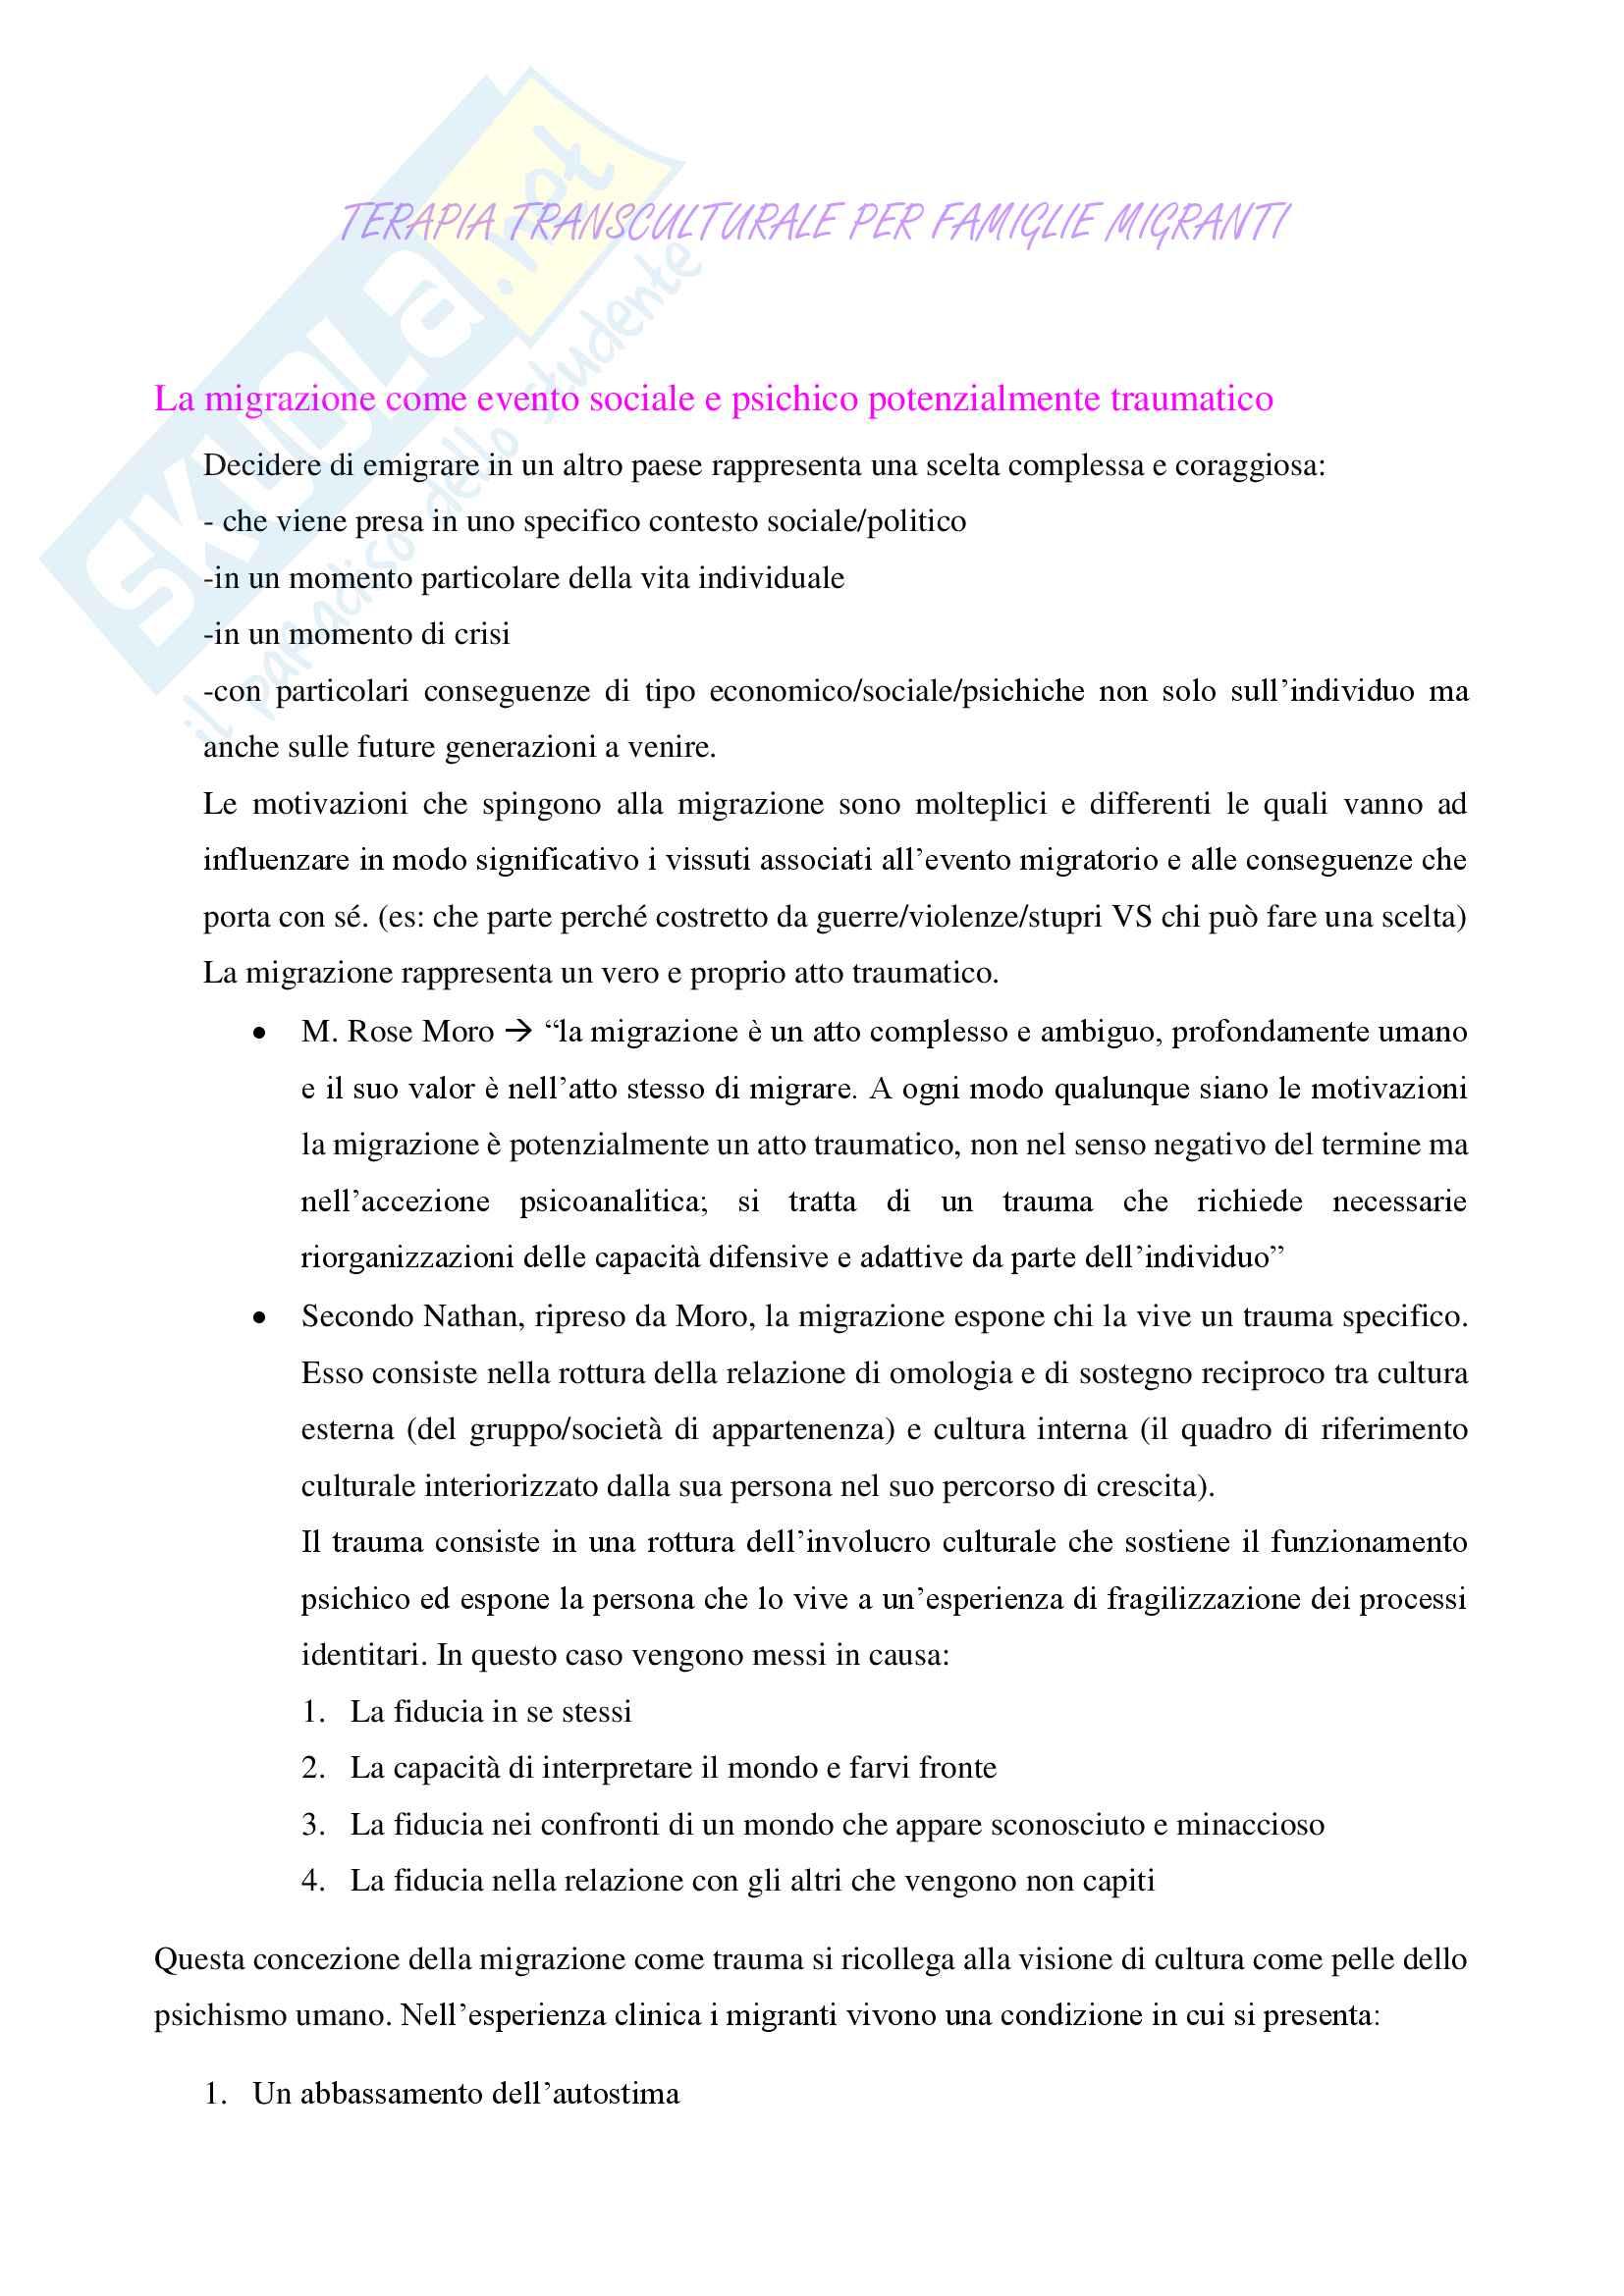 Riassunto esame Pedagogia generale e organizzazione scolastica, prof. Pastori, libro consigliato Terapia transculturale per famiglie migranti, Cattaneo